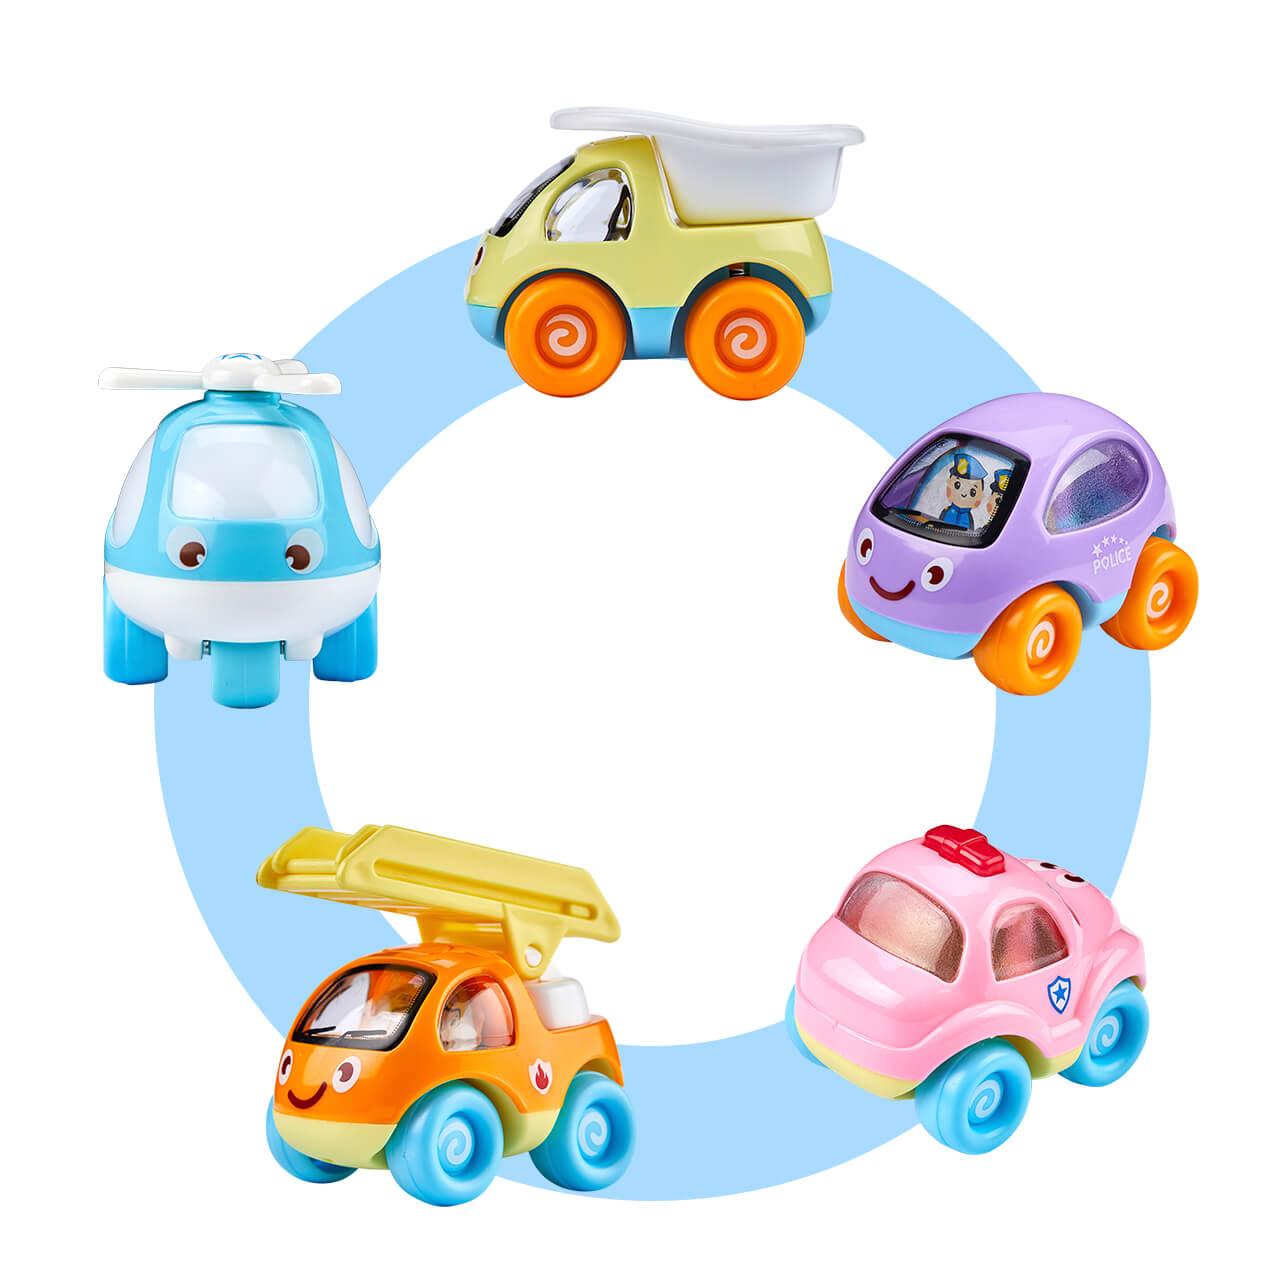 【61节1元秒杀】儿童玩具车 男女惯性小汽车宝宝益智玩具8只装